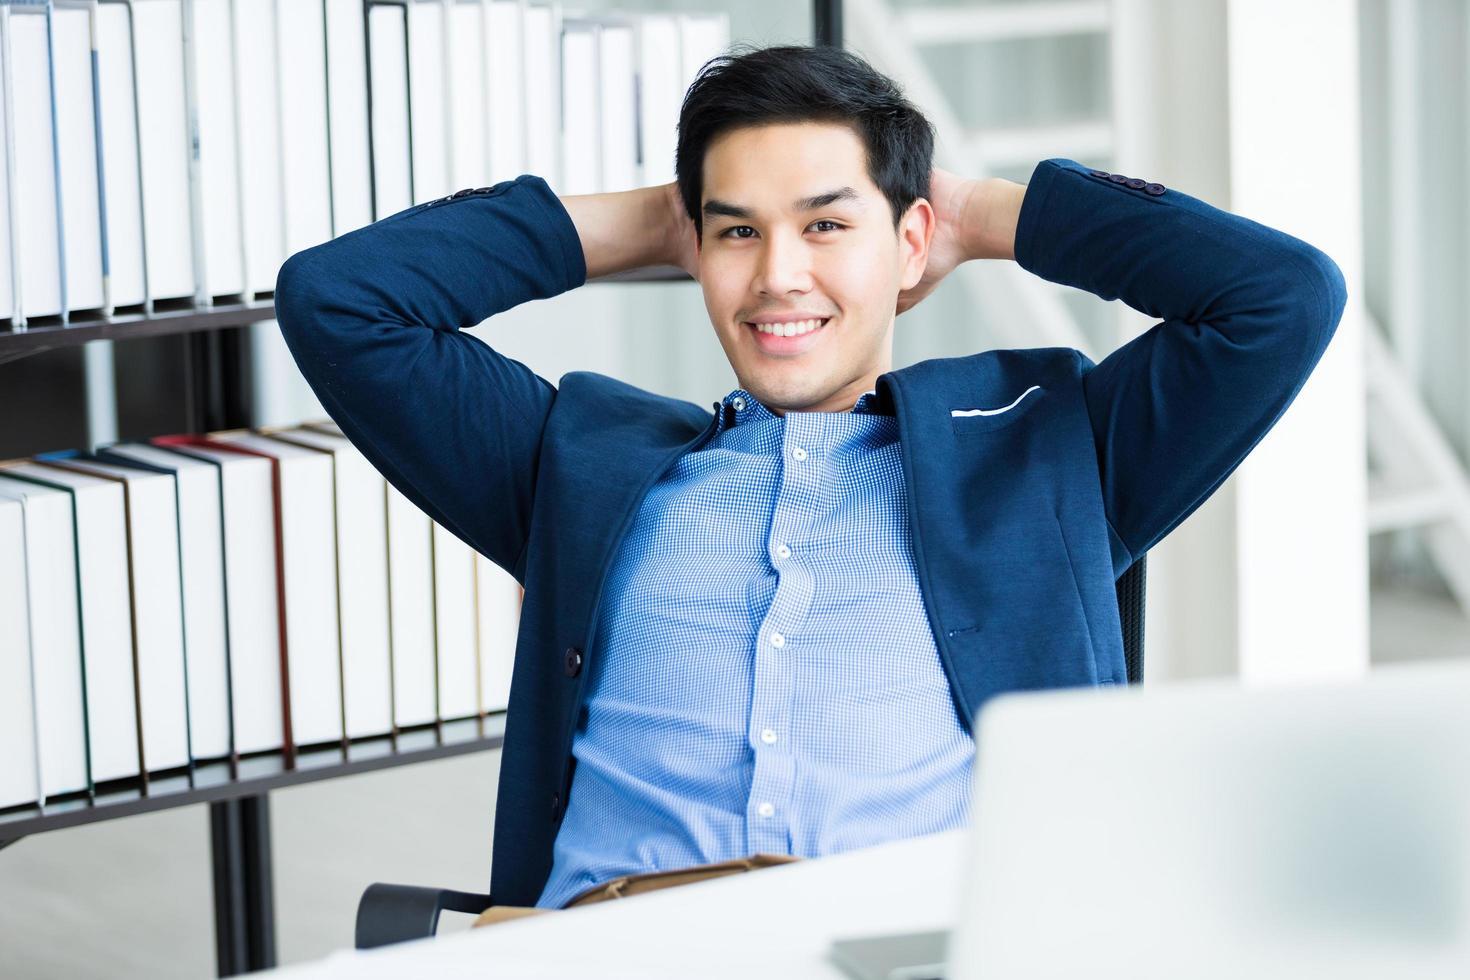 erfolgreicher asiatischer junger Geschäftsmann foto